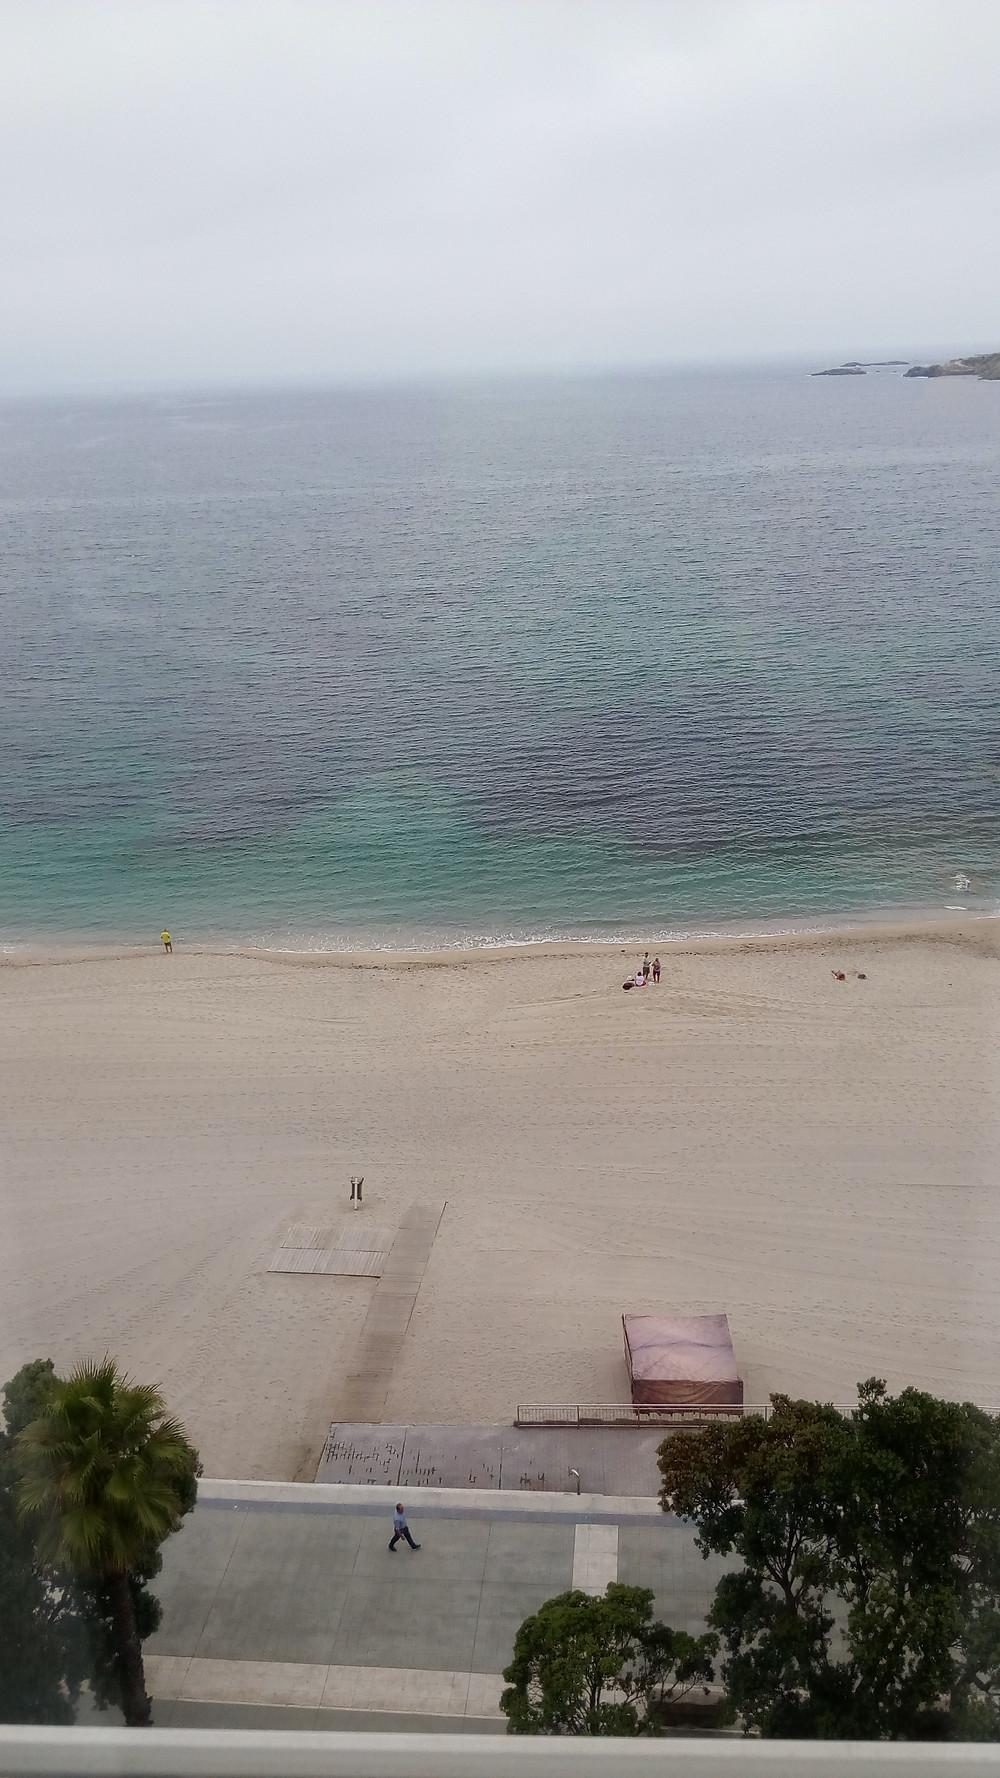 Riazor a vista de gaviota, desde la planta novena del hotel Riazor